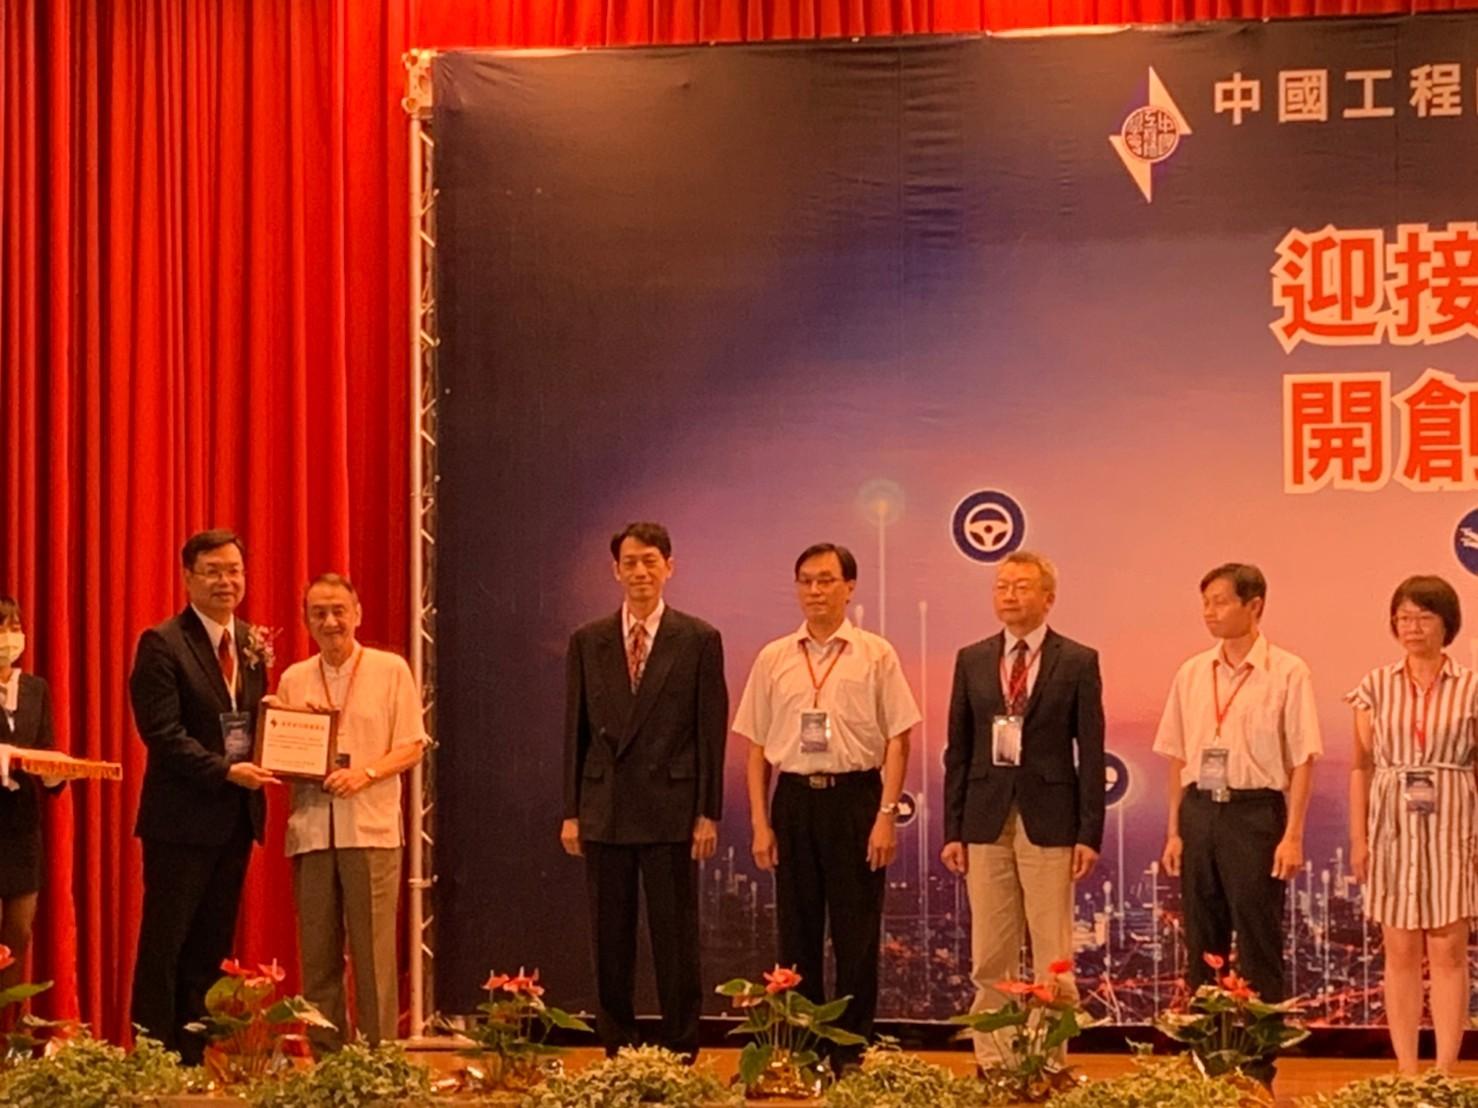 中原大學張光正校長(左2)出席中國工程師學會聯合年會,並代表中原接受「產學合作績優單位」獎項。.jpg